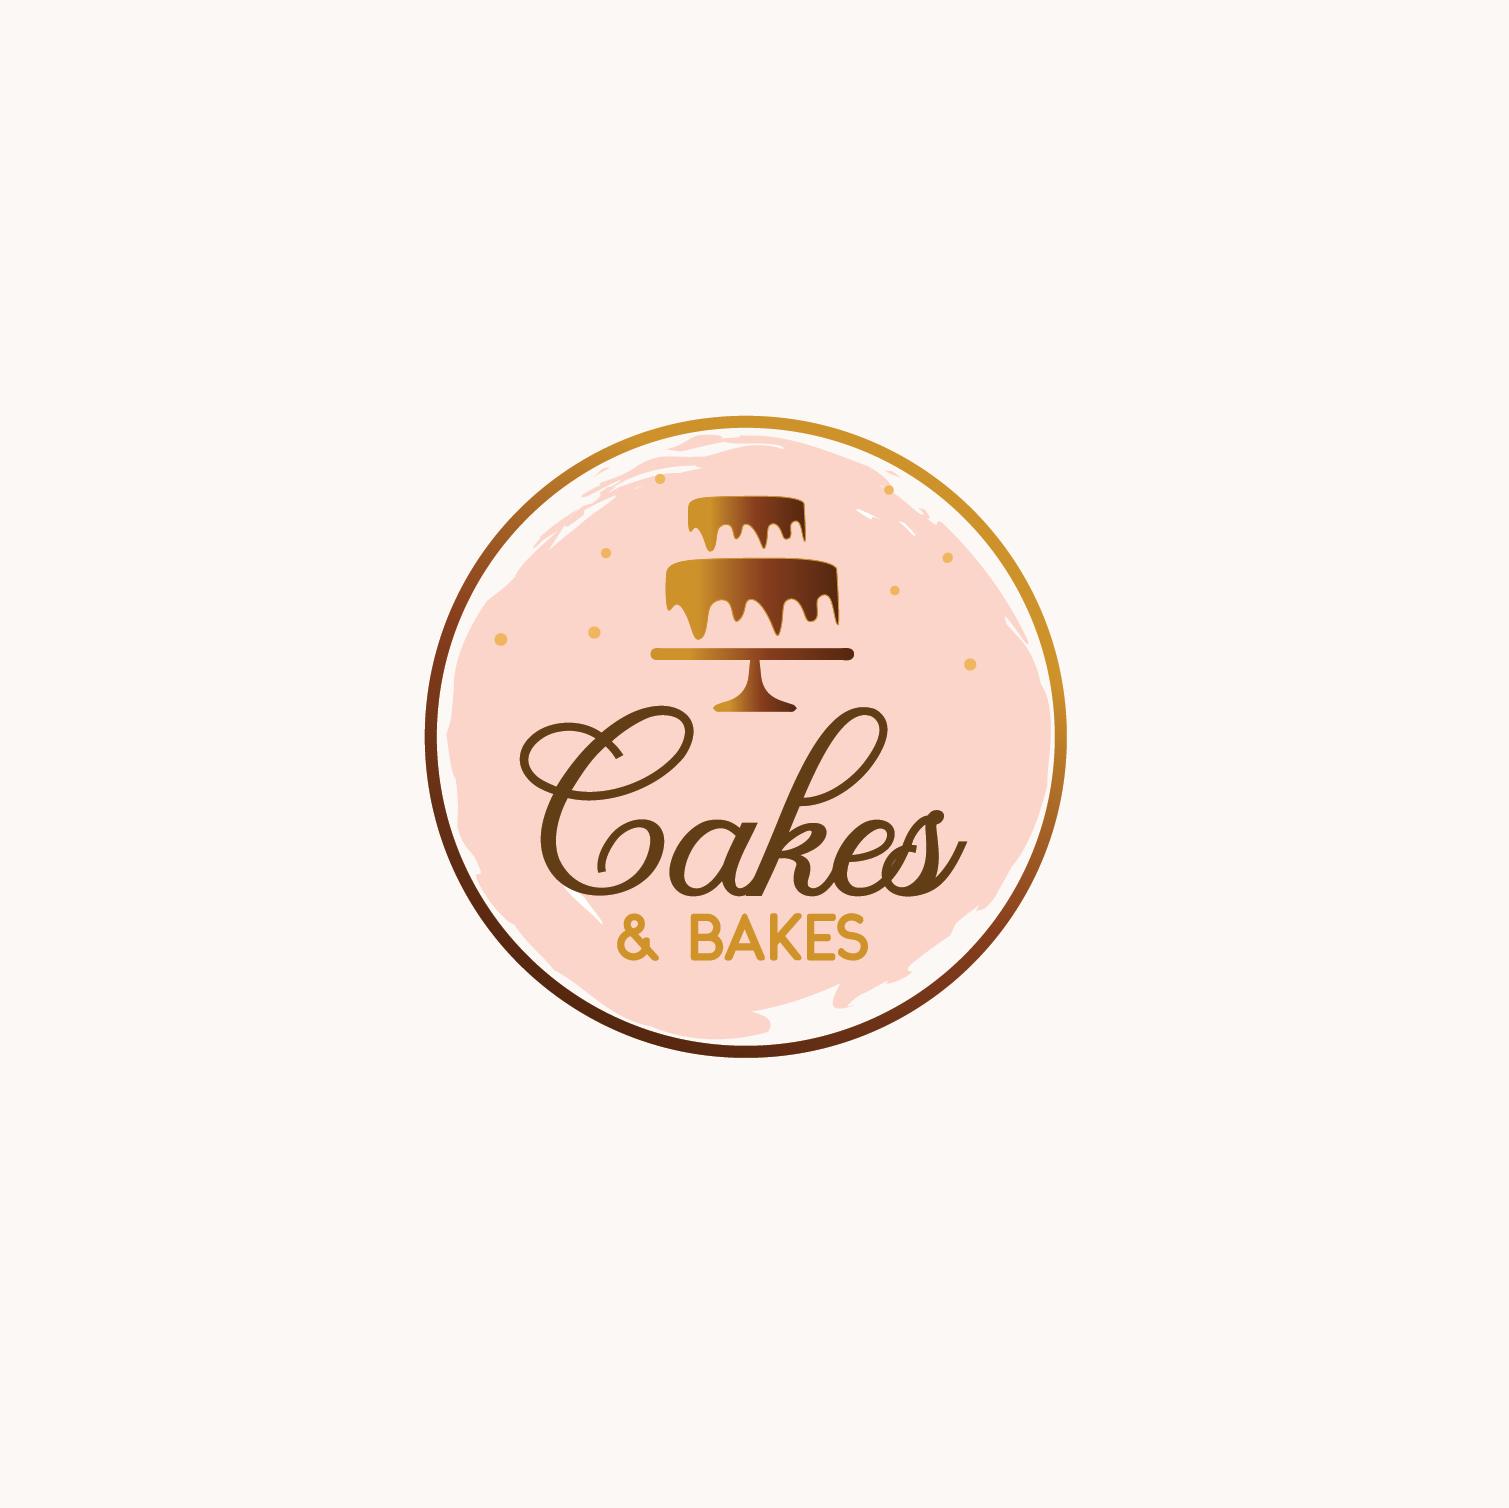 logo concept modern cake logo design Cakes&Bakes  Ananta Creative  Cake logo design, Cupcake logo